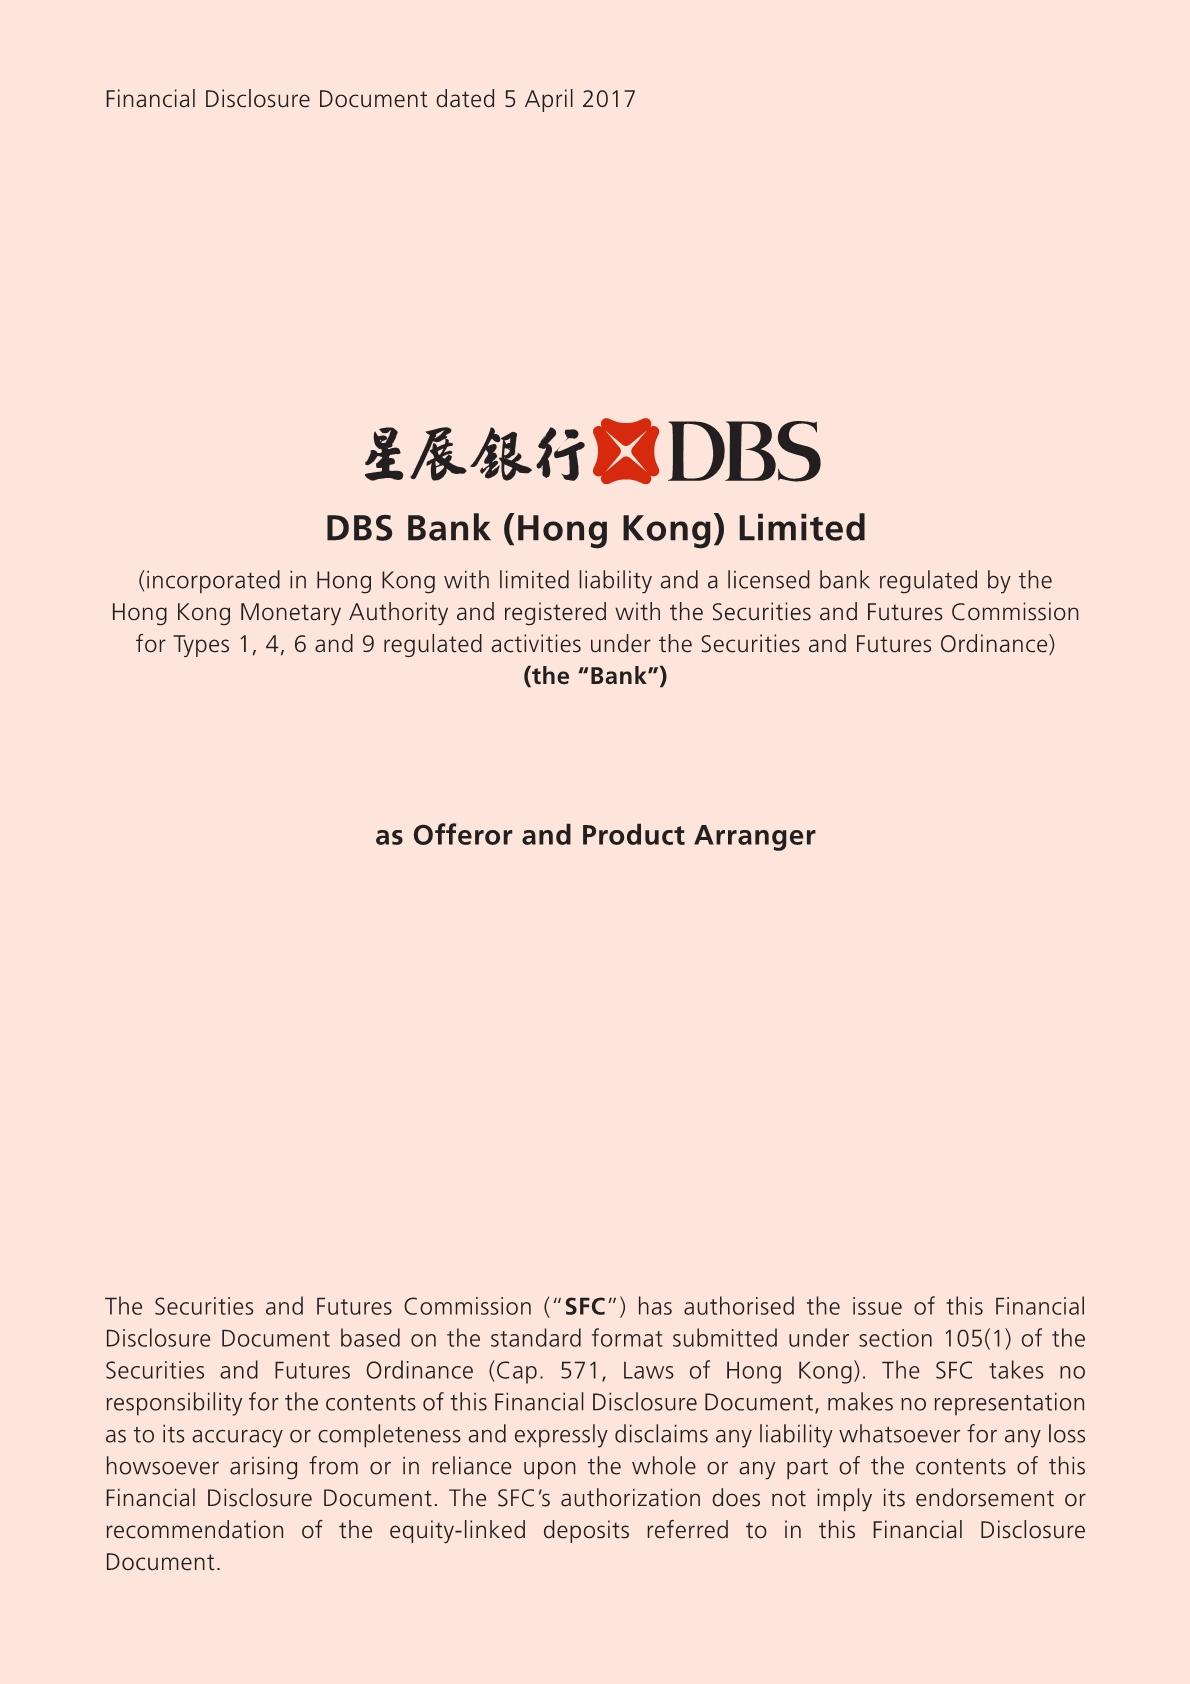 DBS Bank (Hong Kong) Limited – Financial Disclosure Document